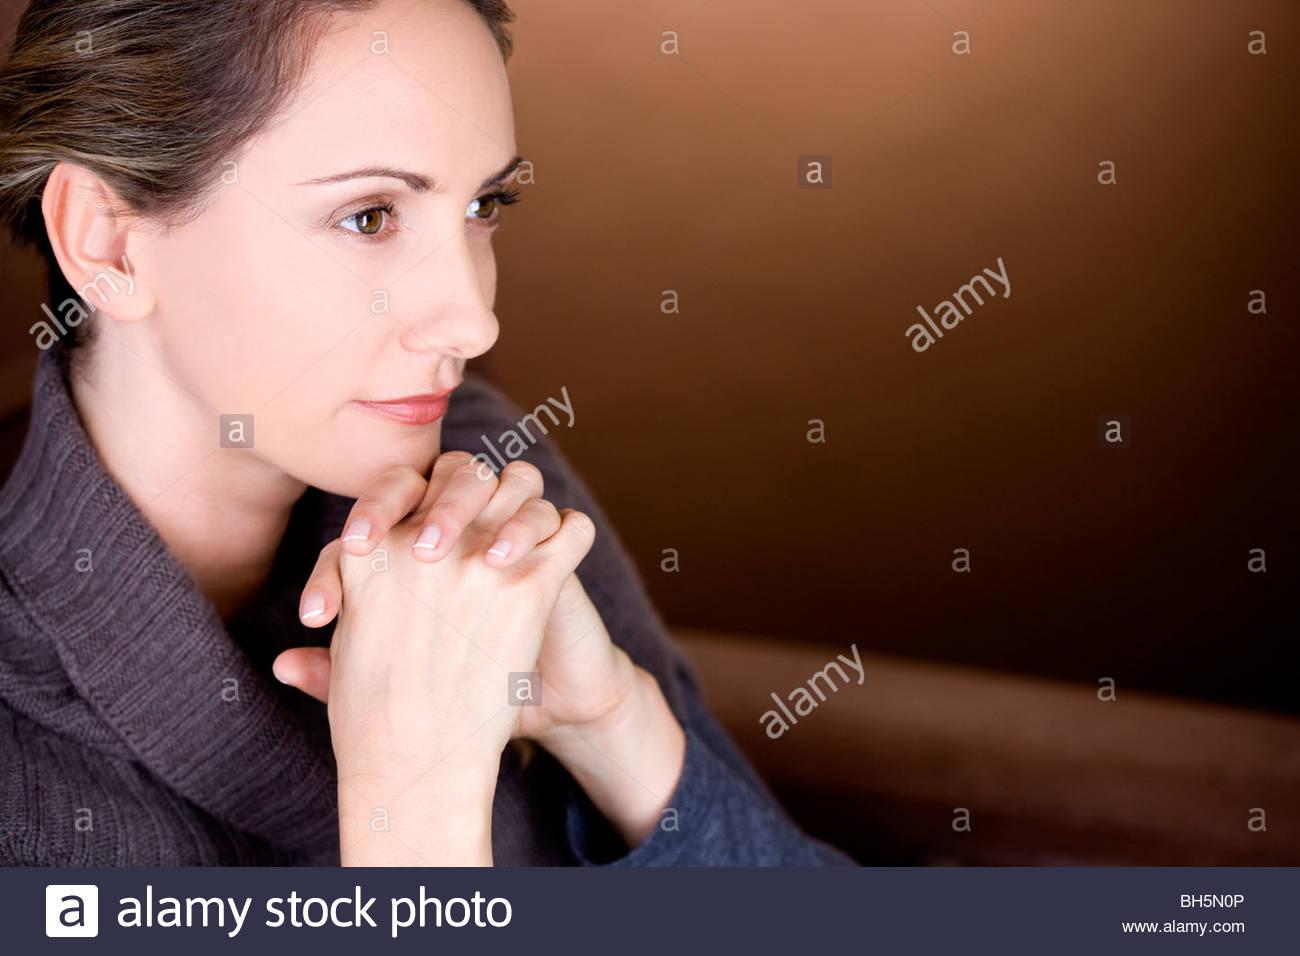 Porträt einer Mitte erwachsenen Frau denken Stockbild